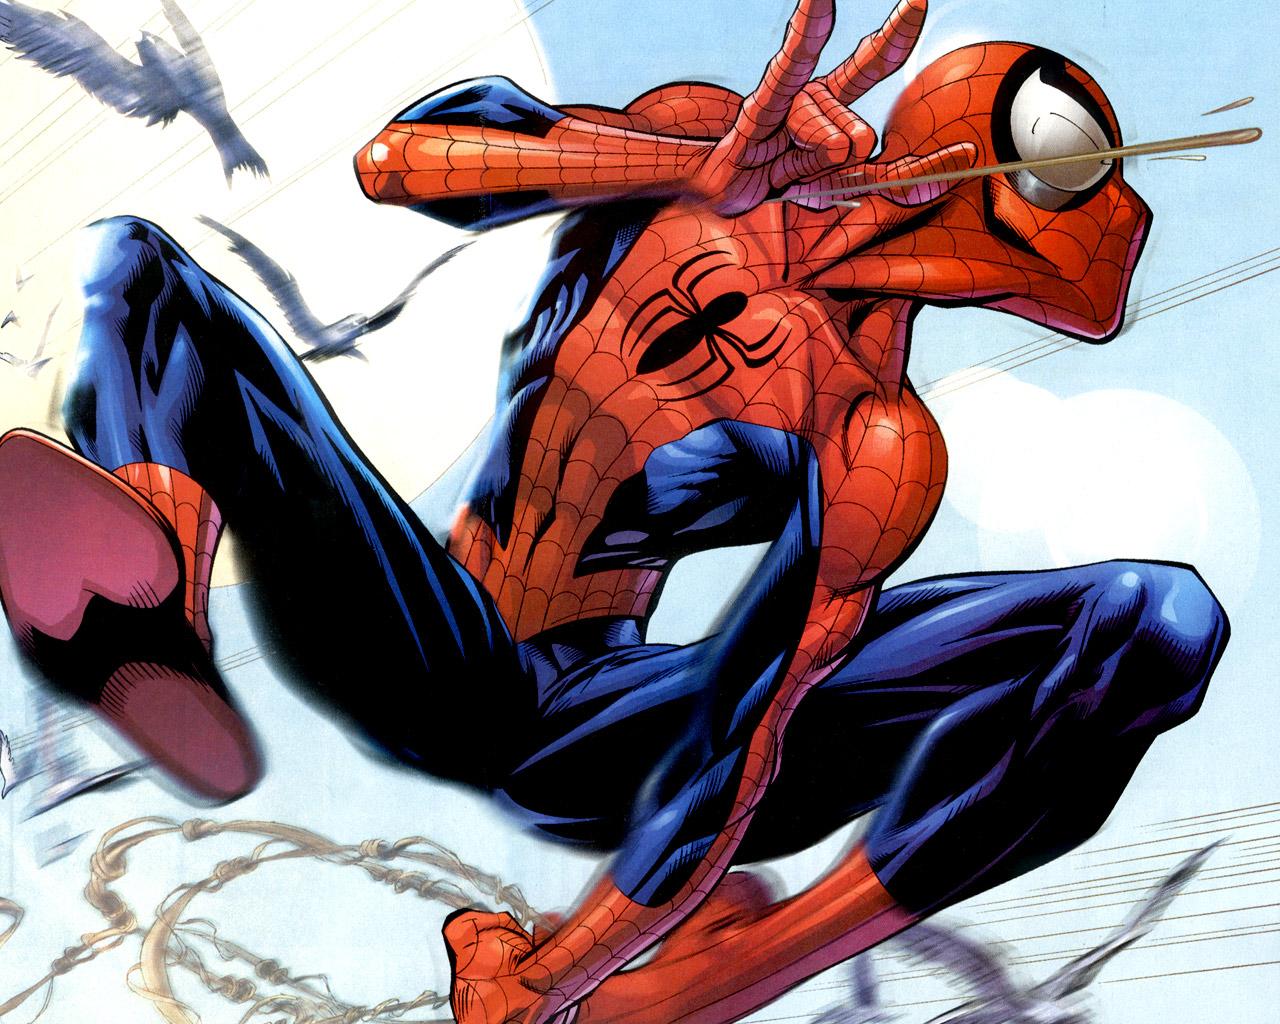 Человек паук ххх пародия 24 фотография